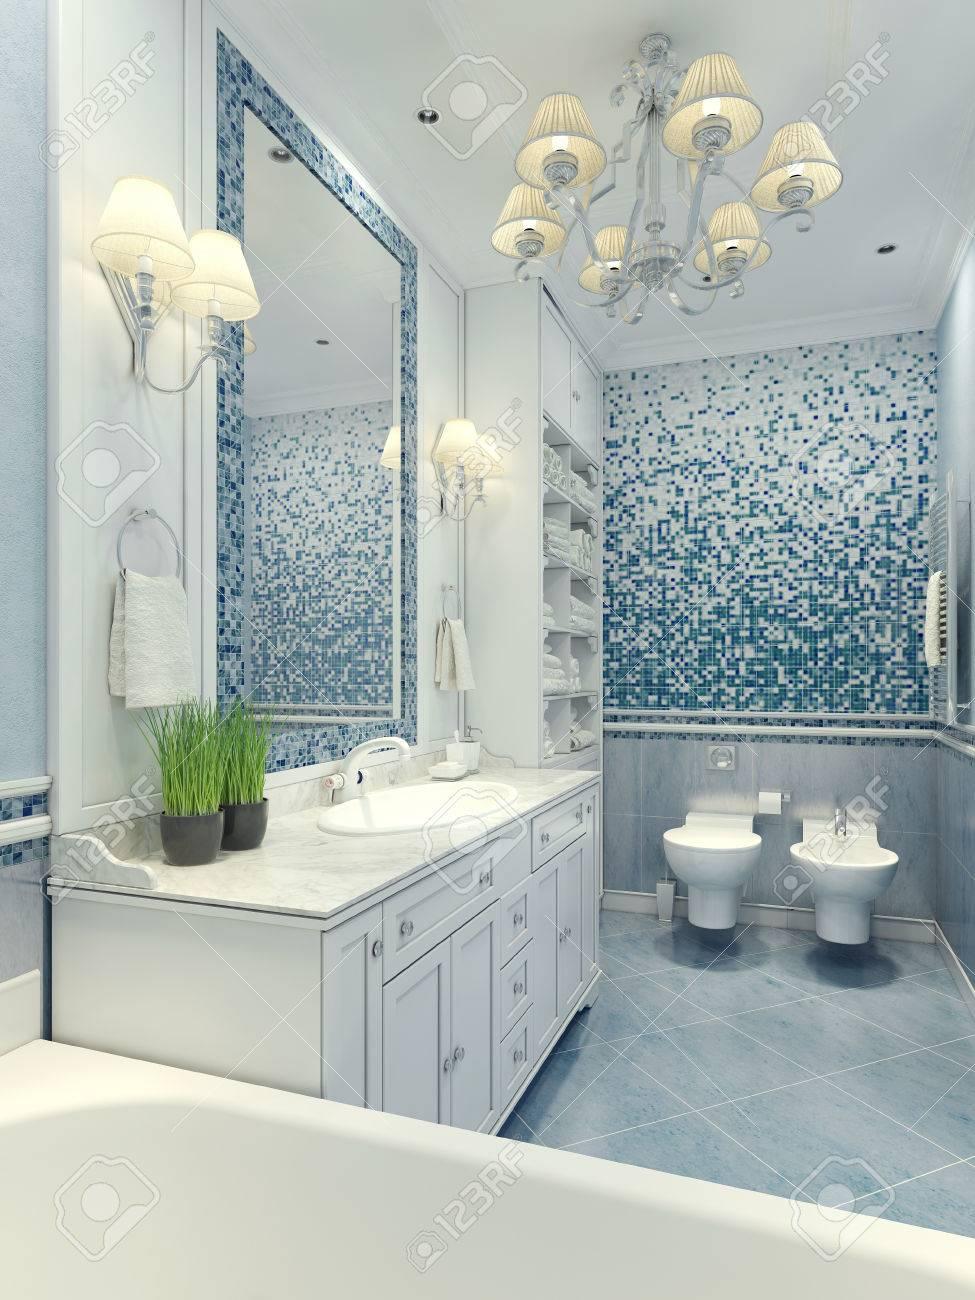 Helles Badezimmer Klassischen Stil. Luxus Kronleuchter, Spiegel, Weiße  Möbel Und Einbauspüle, WC